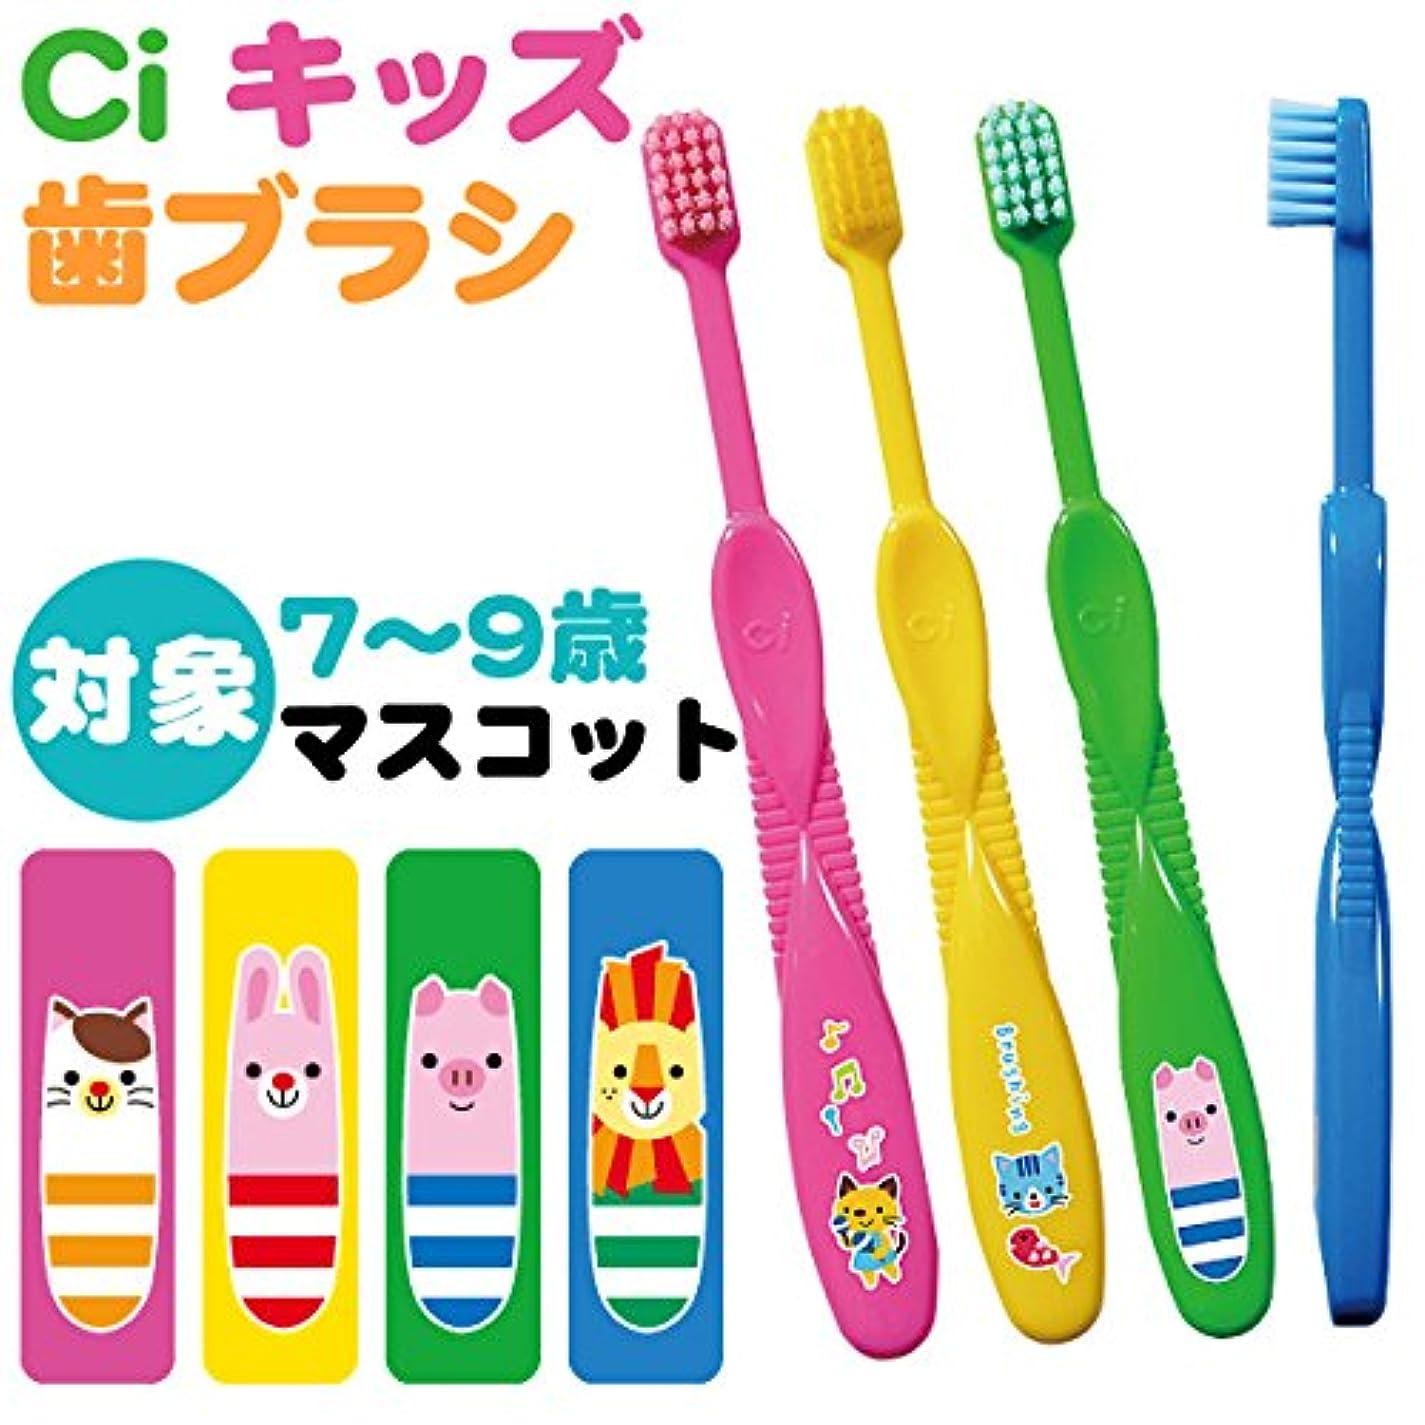 ソーダ水電話崇拝するCiキッズ歯ブラシ マスコット柄 24本